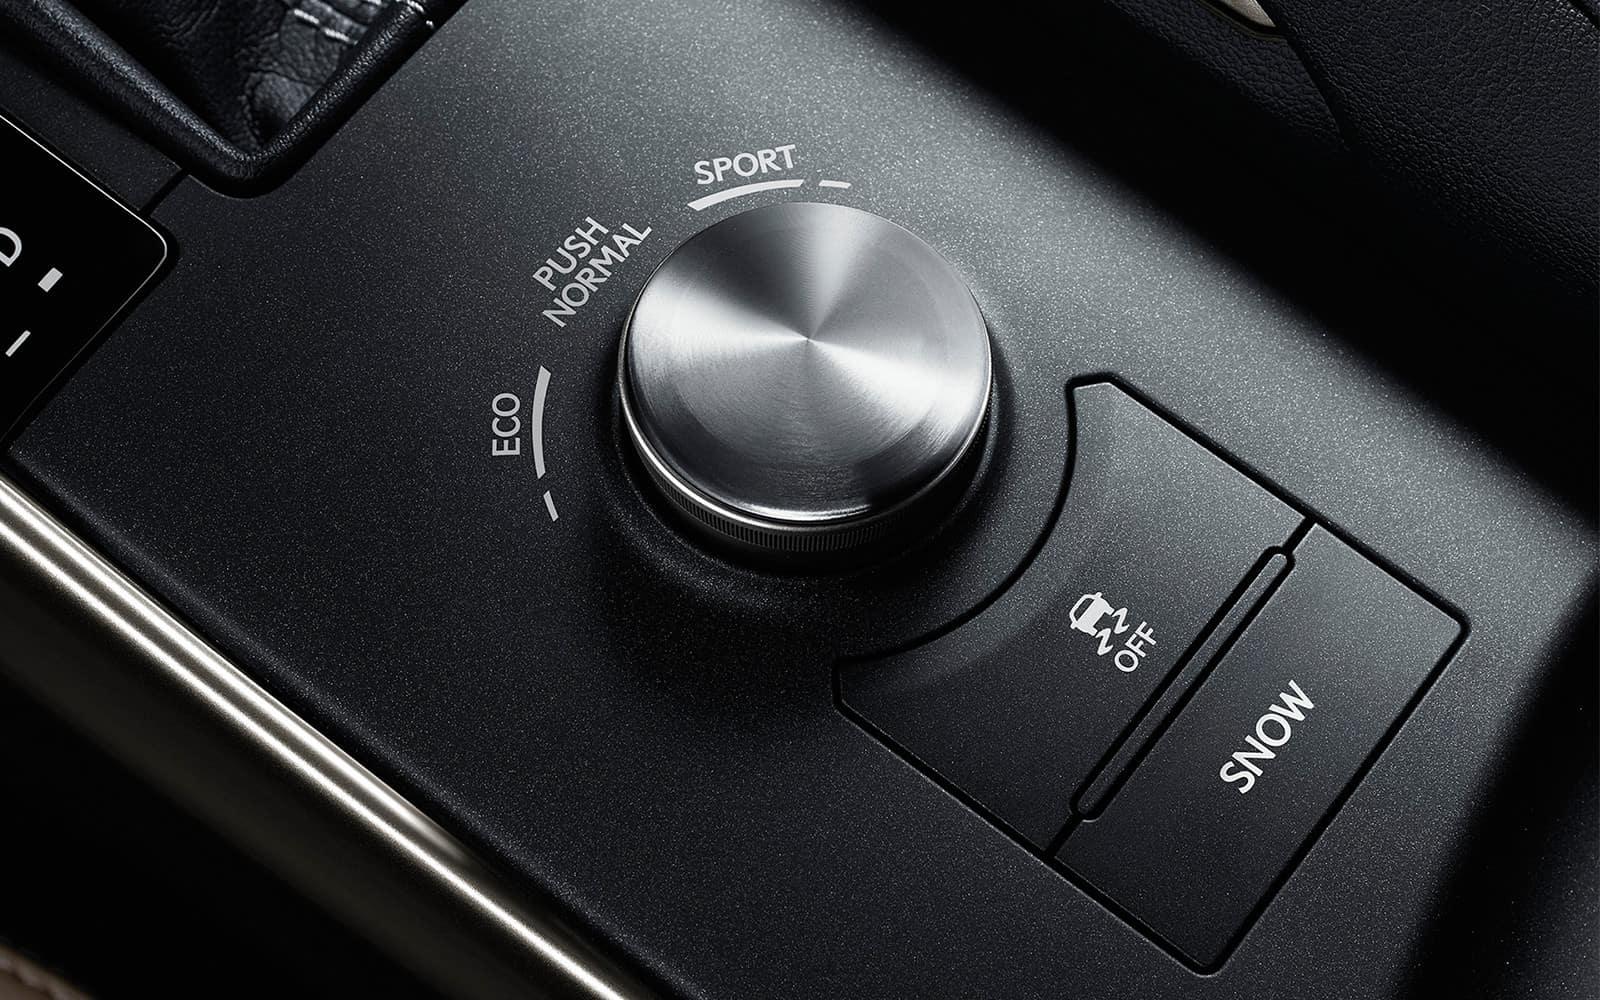 Lexus-2018-is-drive-mode-select-l-3